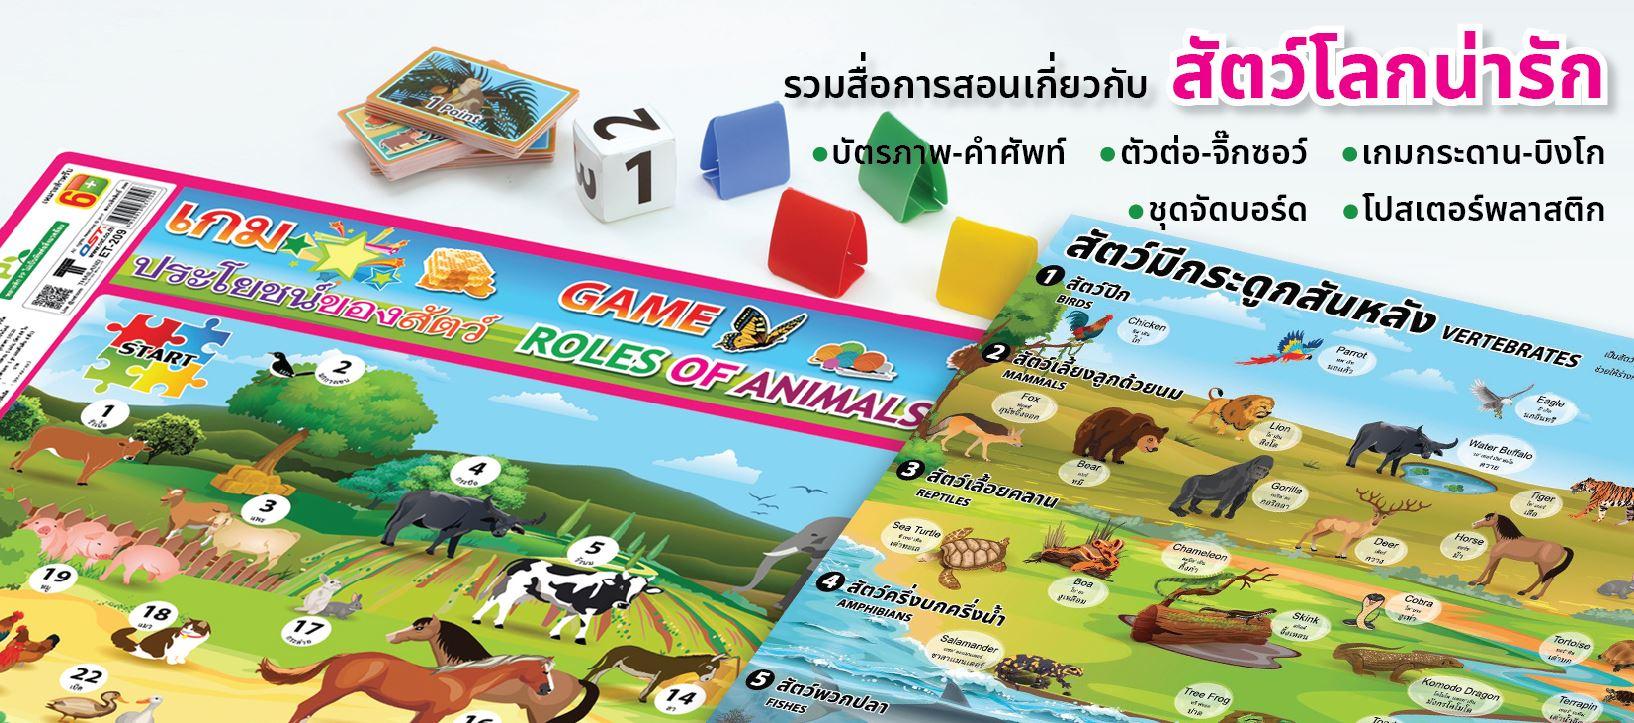 เกมเกี่ยวกับสัตว์, ประโยชน์ของสัตว์, animal game